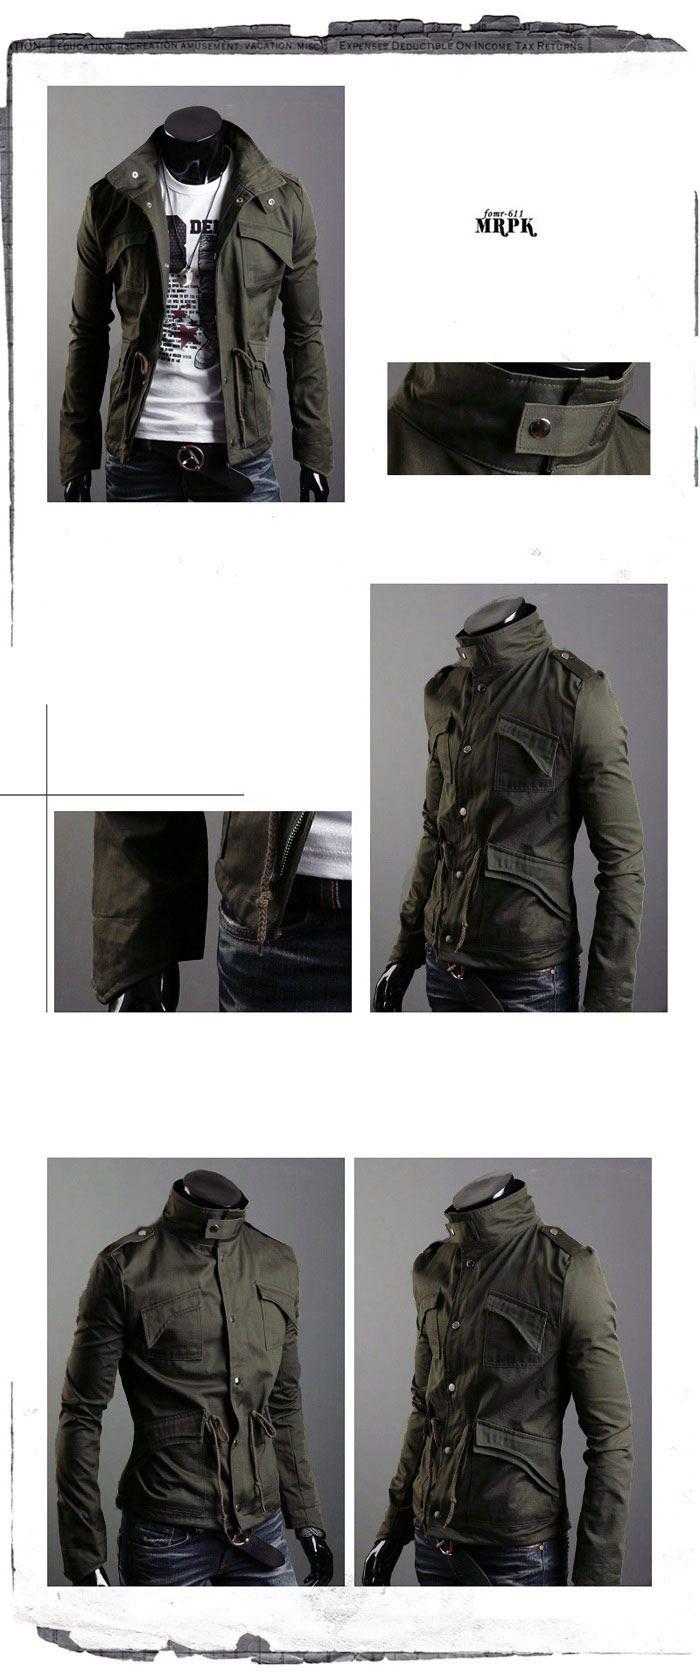 Meily Hombre - Fashion Casaca- Moda Coreana- Ms198 - S/. 138,00 en MercadoLibre